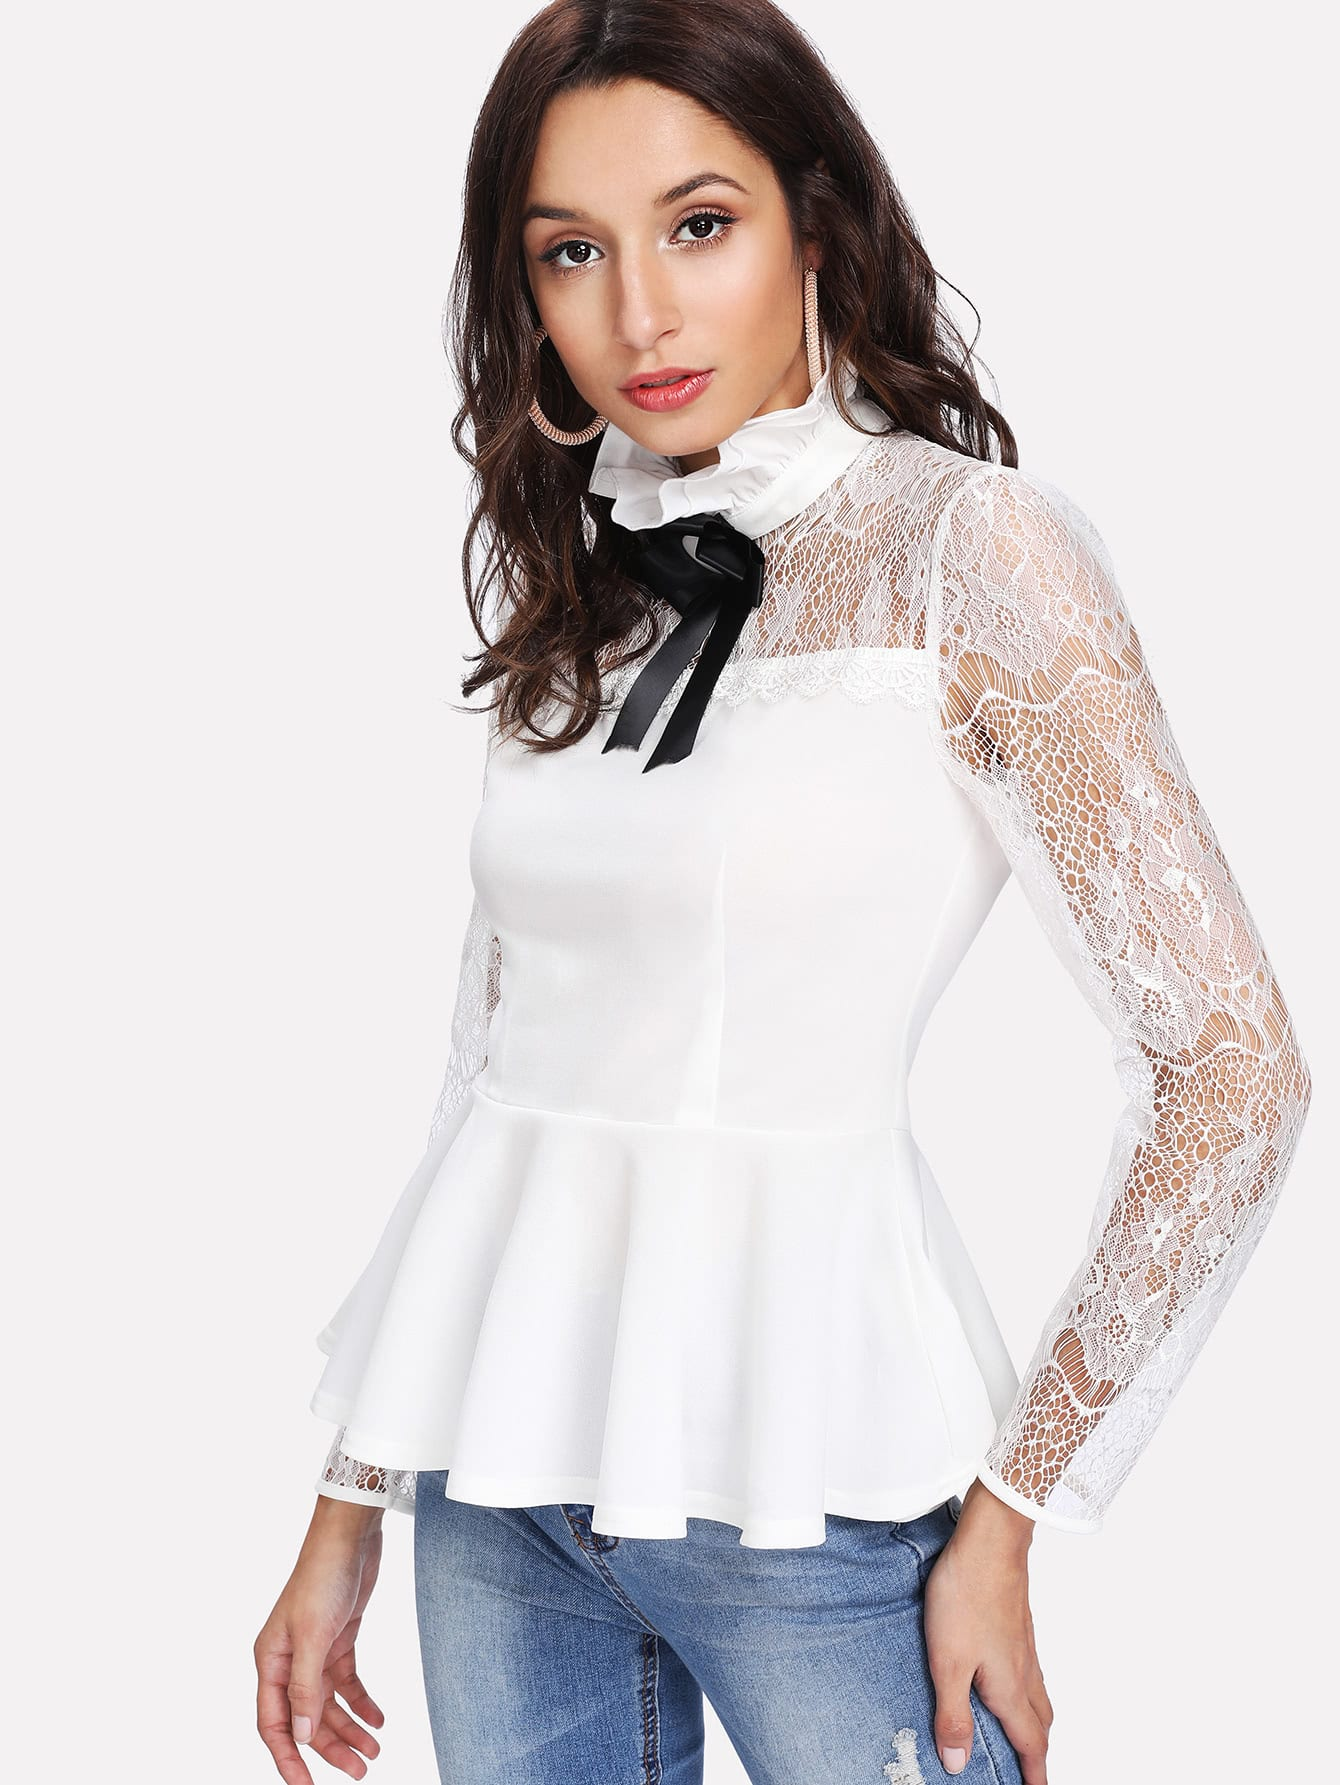 Ruffle Neck Lace Yoke Peplum Top blouse171228710